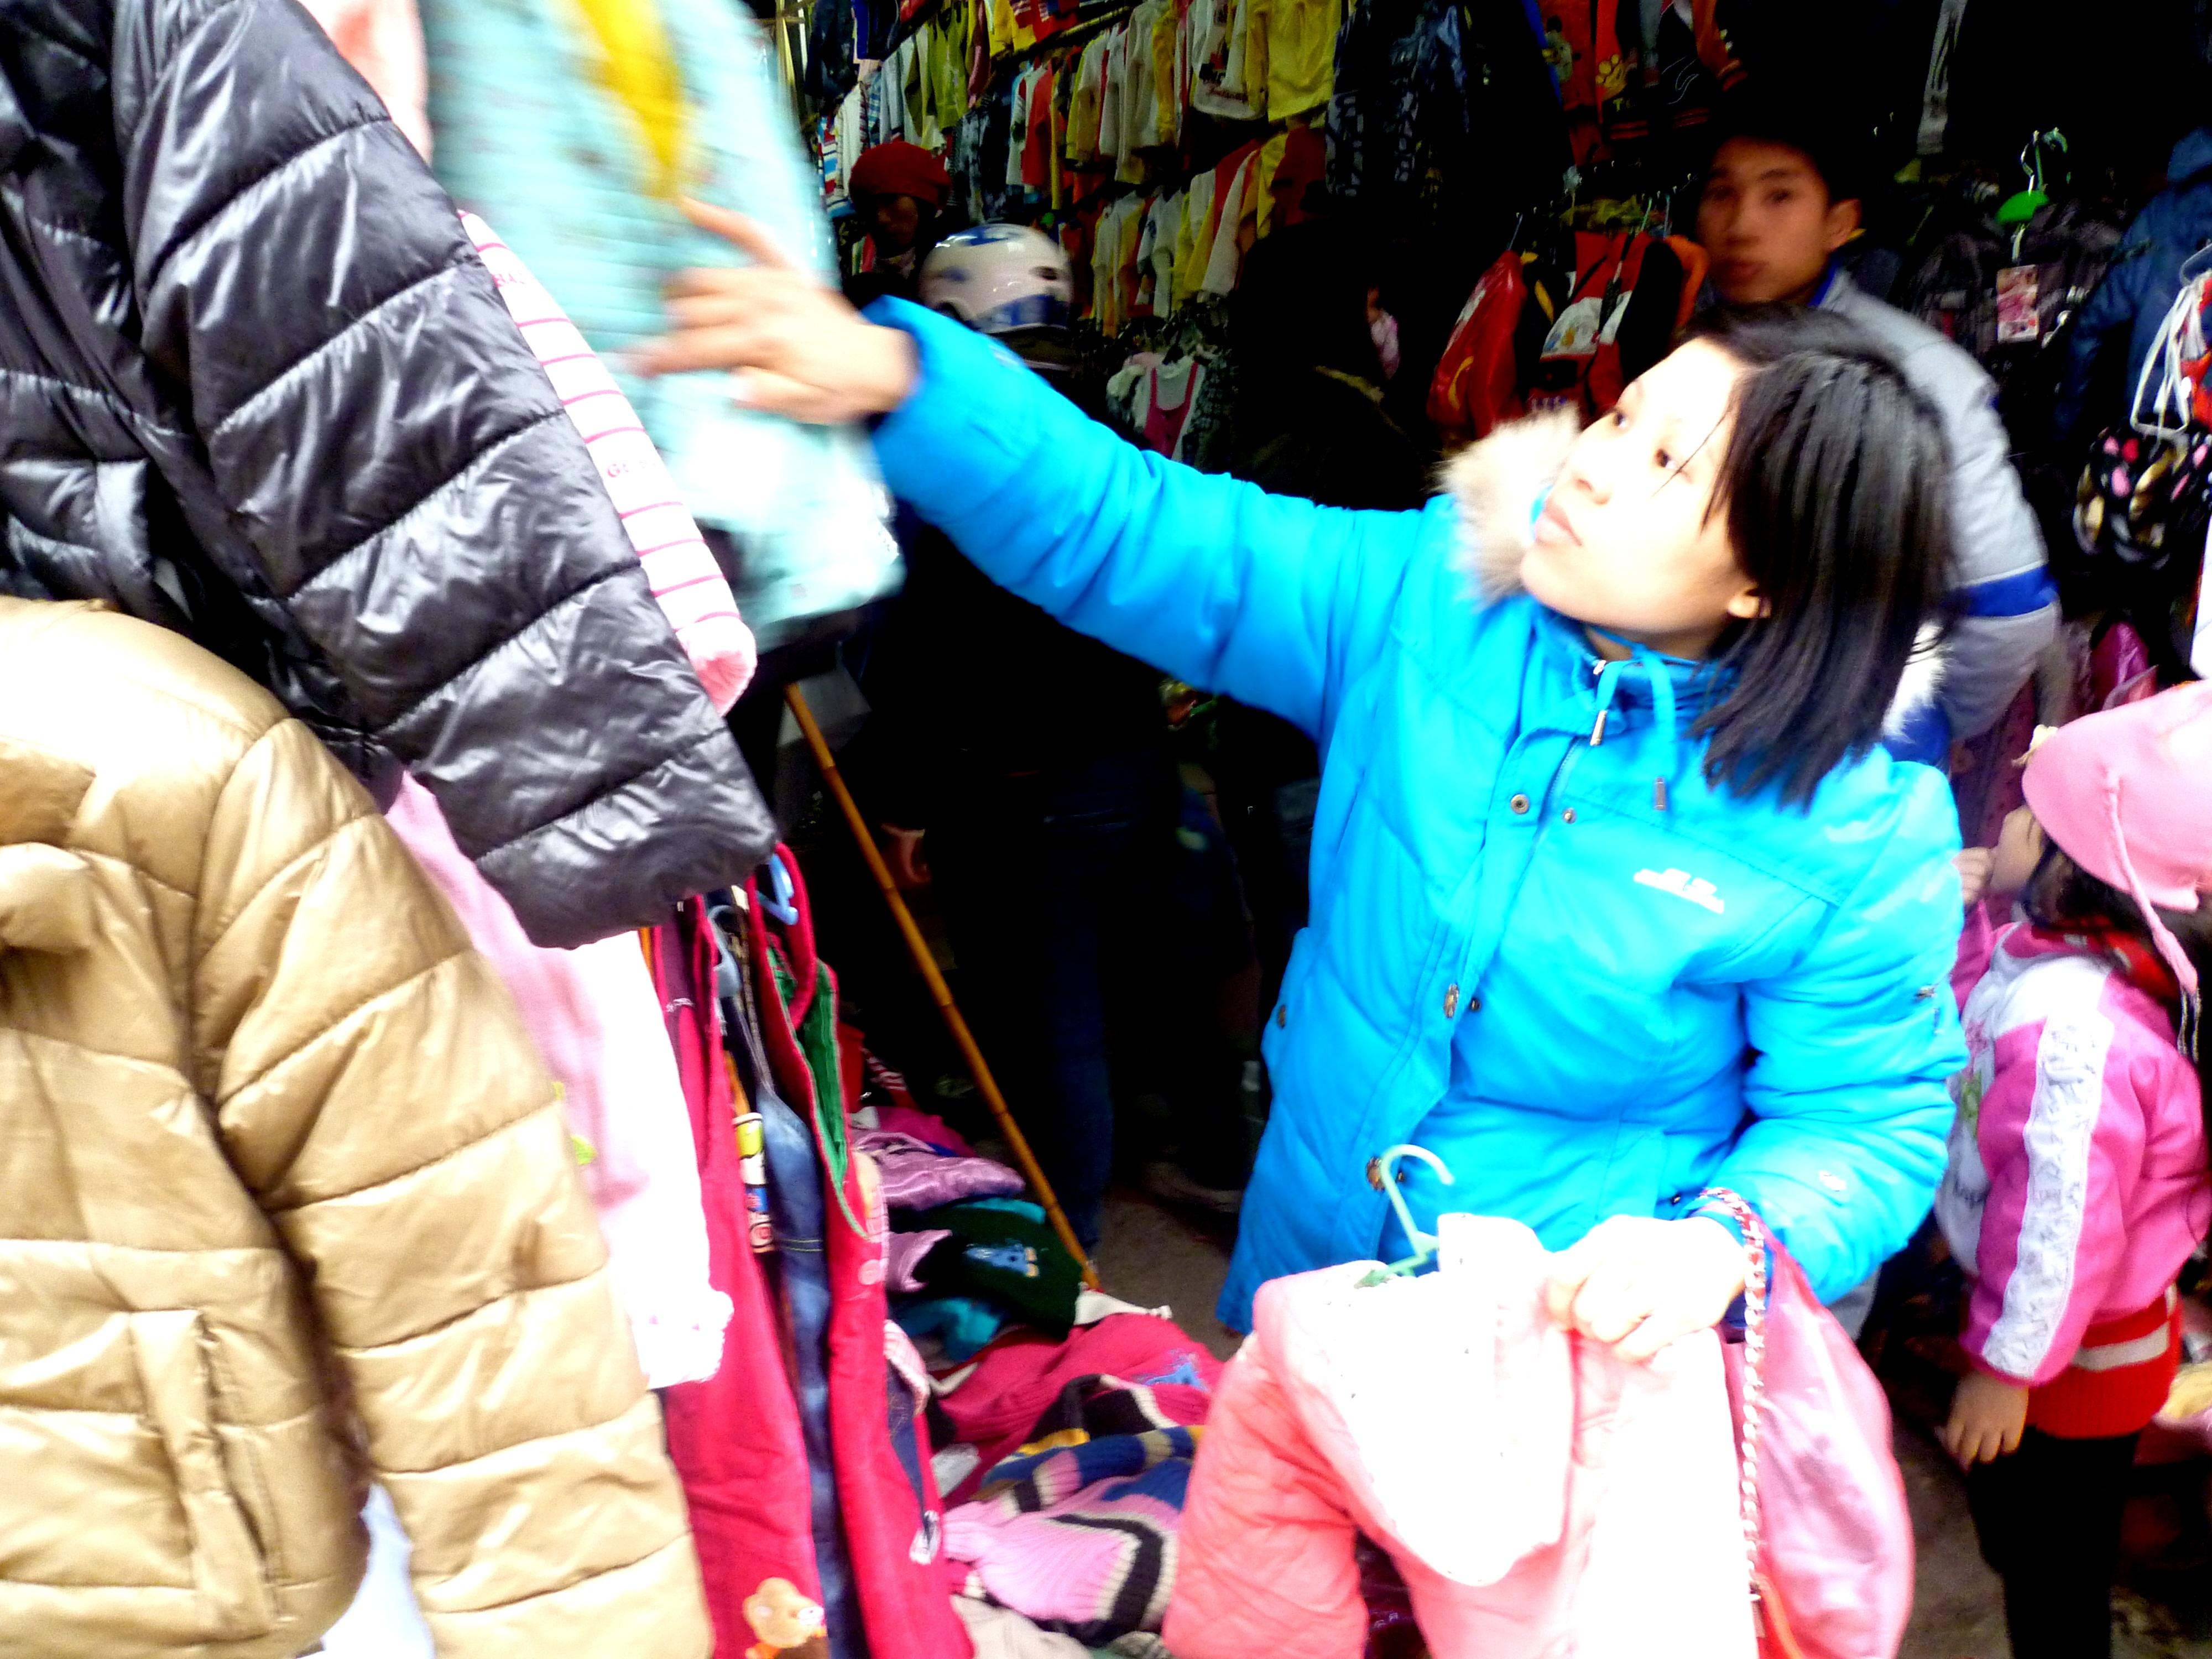 Hình ảnh Cuối năm: Vào chợ đầu mối, săn quần áo giá rẻ số 7